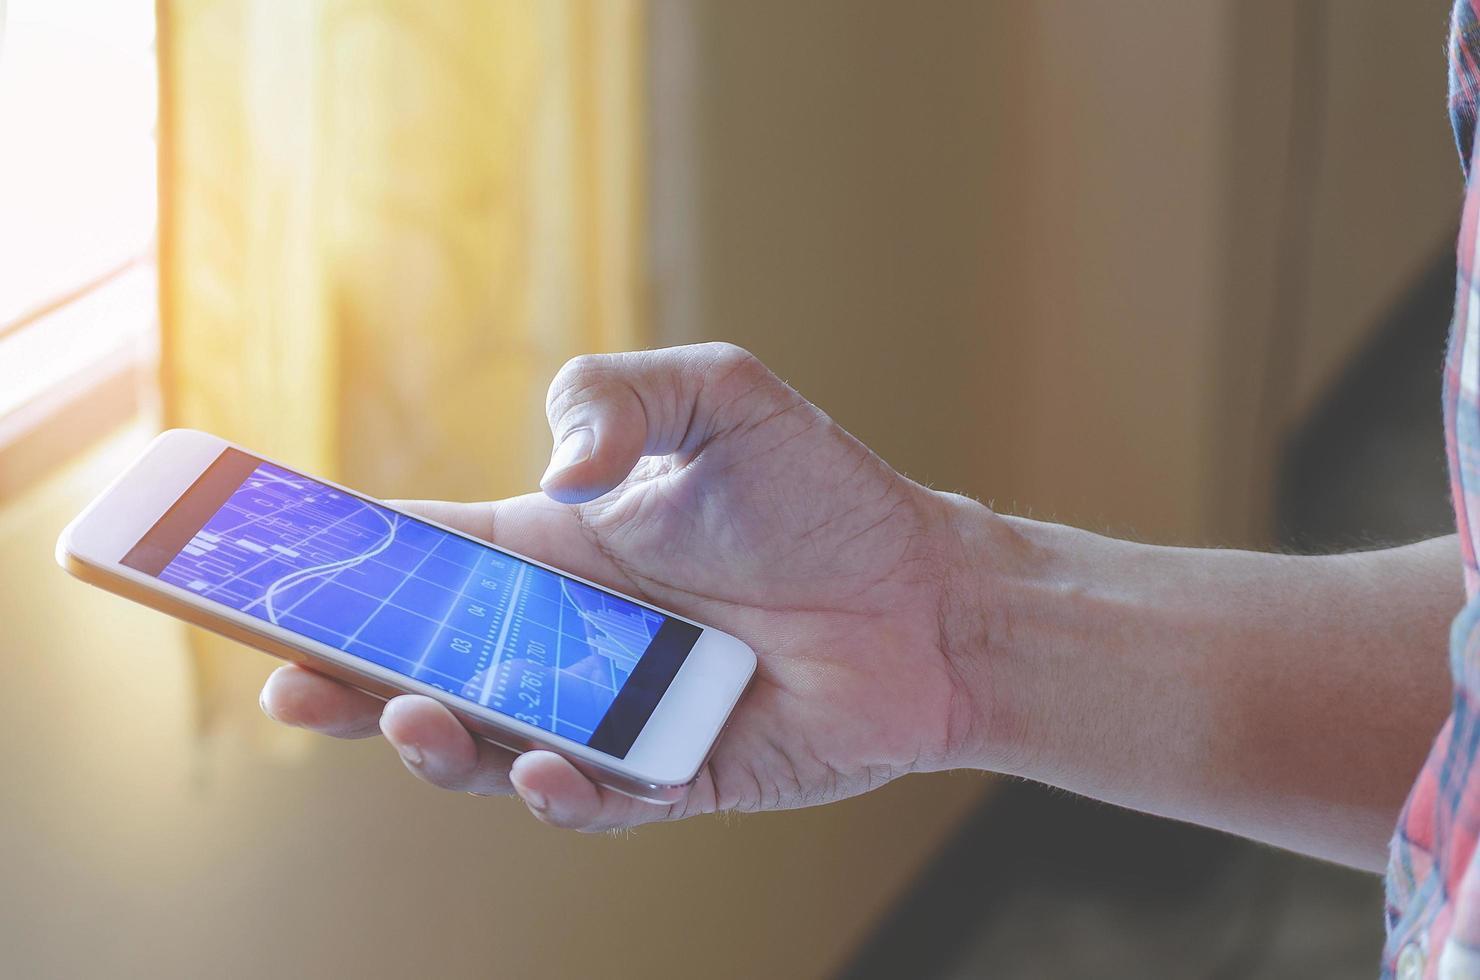 houder smartphone in de hand foto